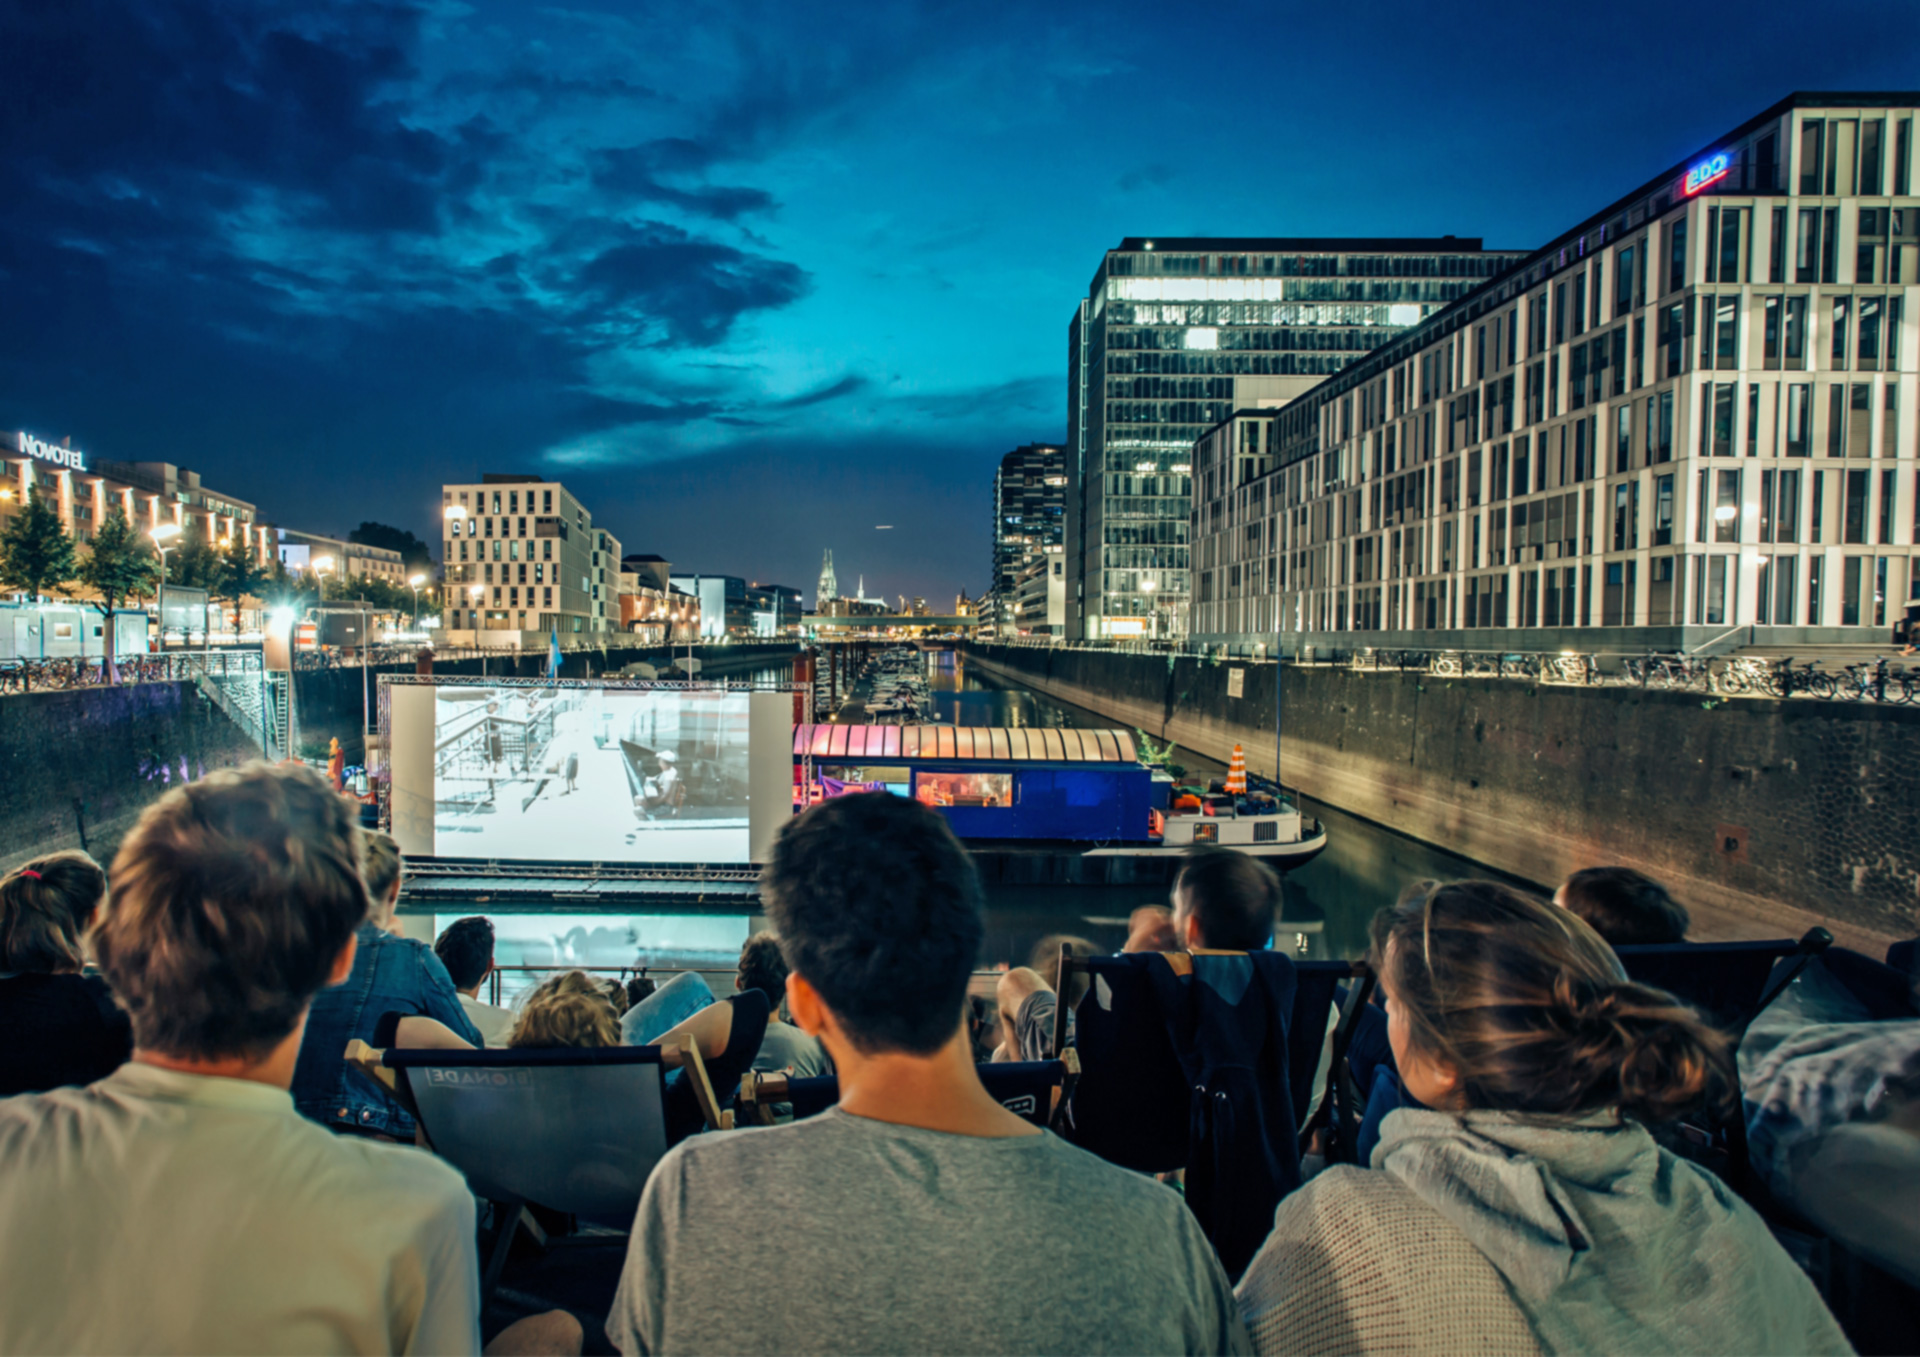 Schillernde Open-Air-Veranstaltung in Köln